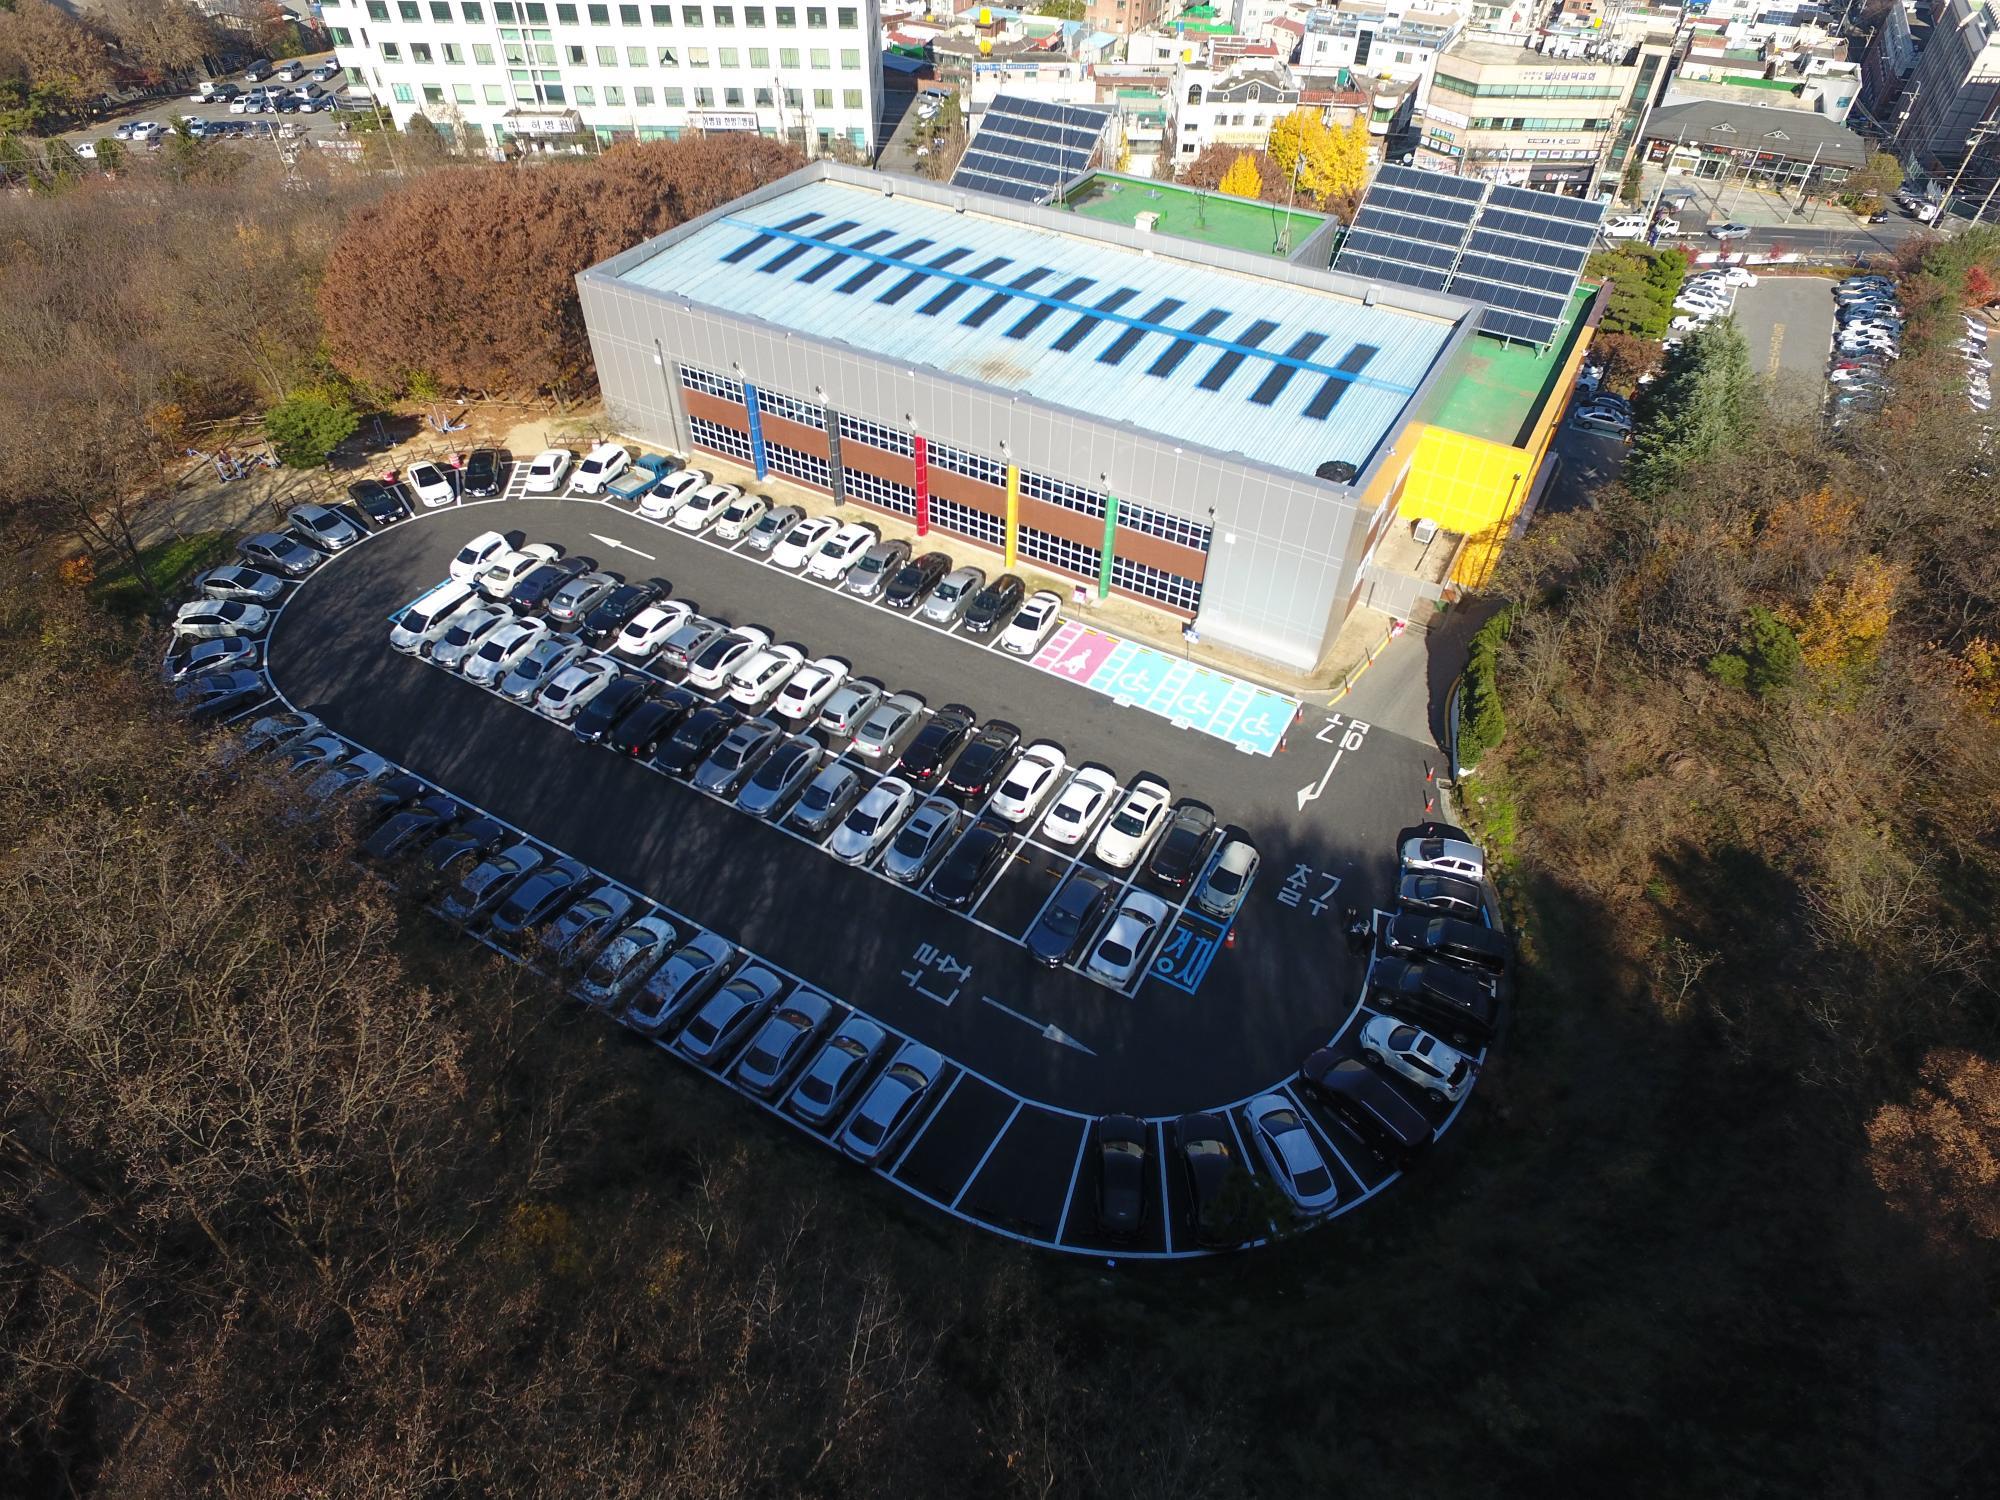 올림픽기념국민생활관 리모델링 - 고객주차장전경